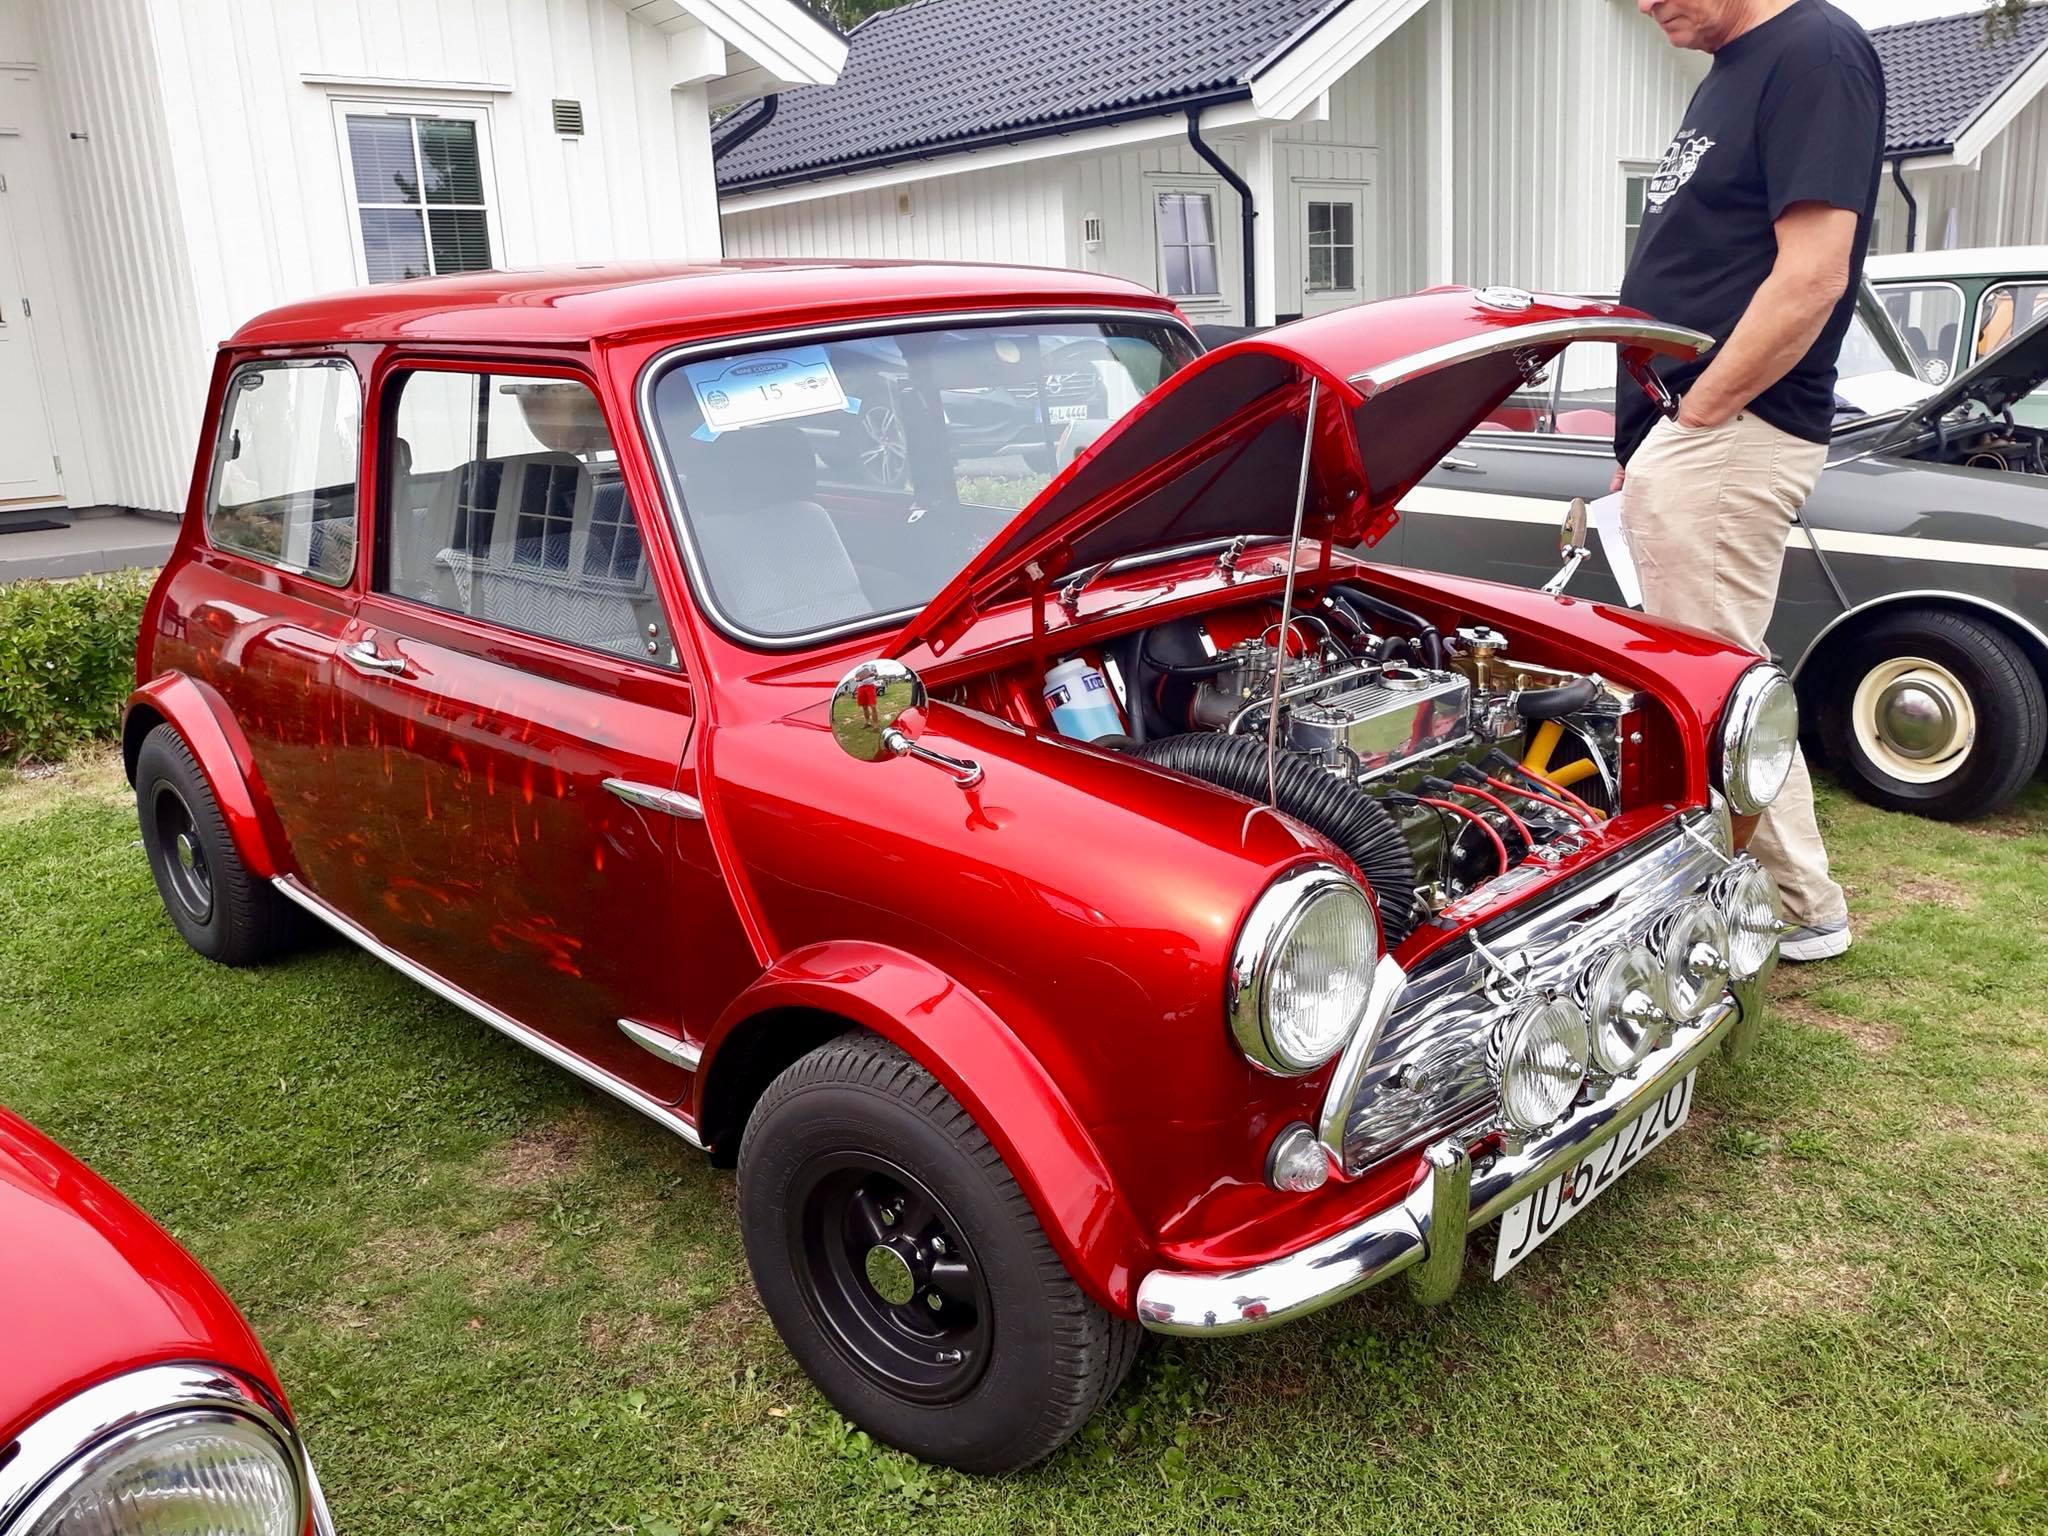 30 års Jubileumstreff Skarnes 9.-12. august 2018 Helle 77 biler var registrert inn, og over 140 personer.